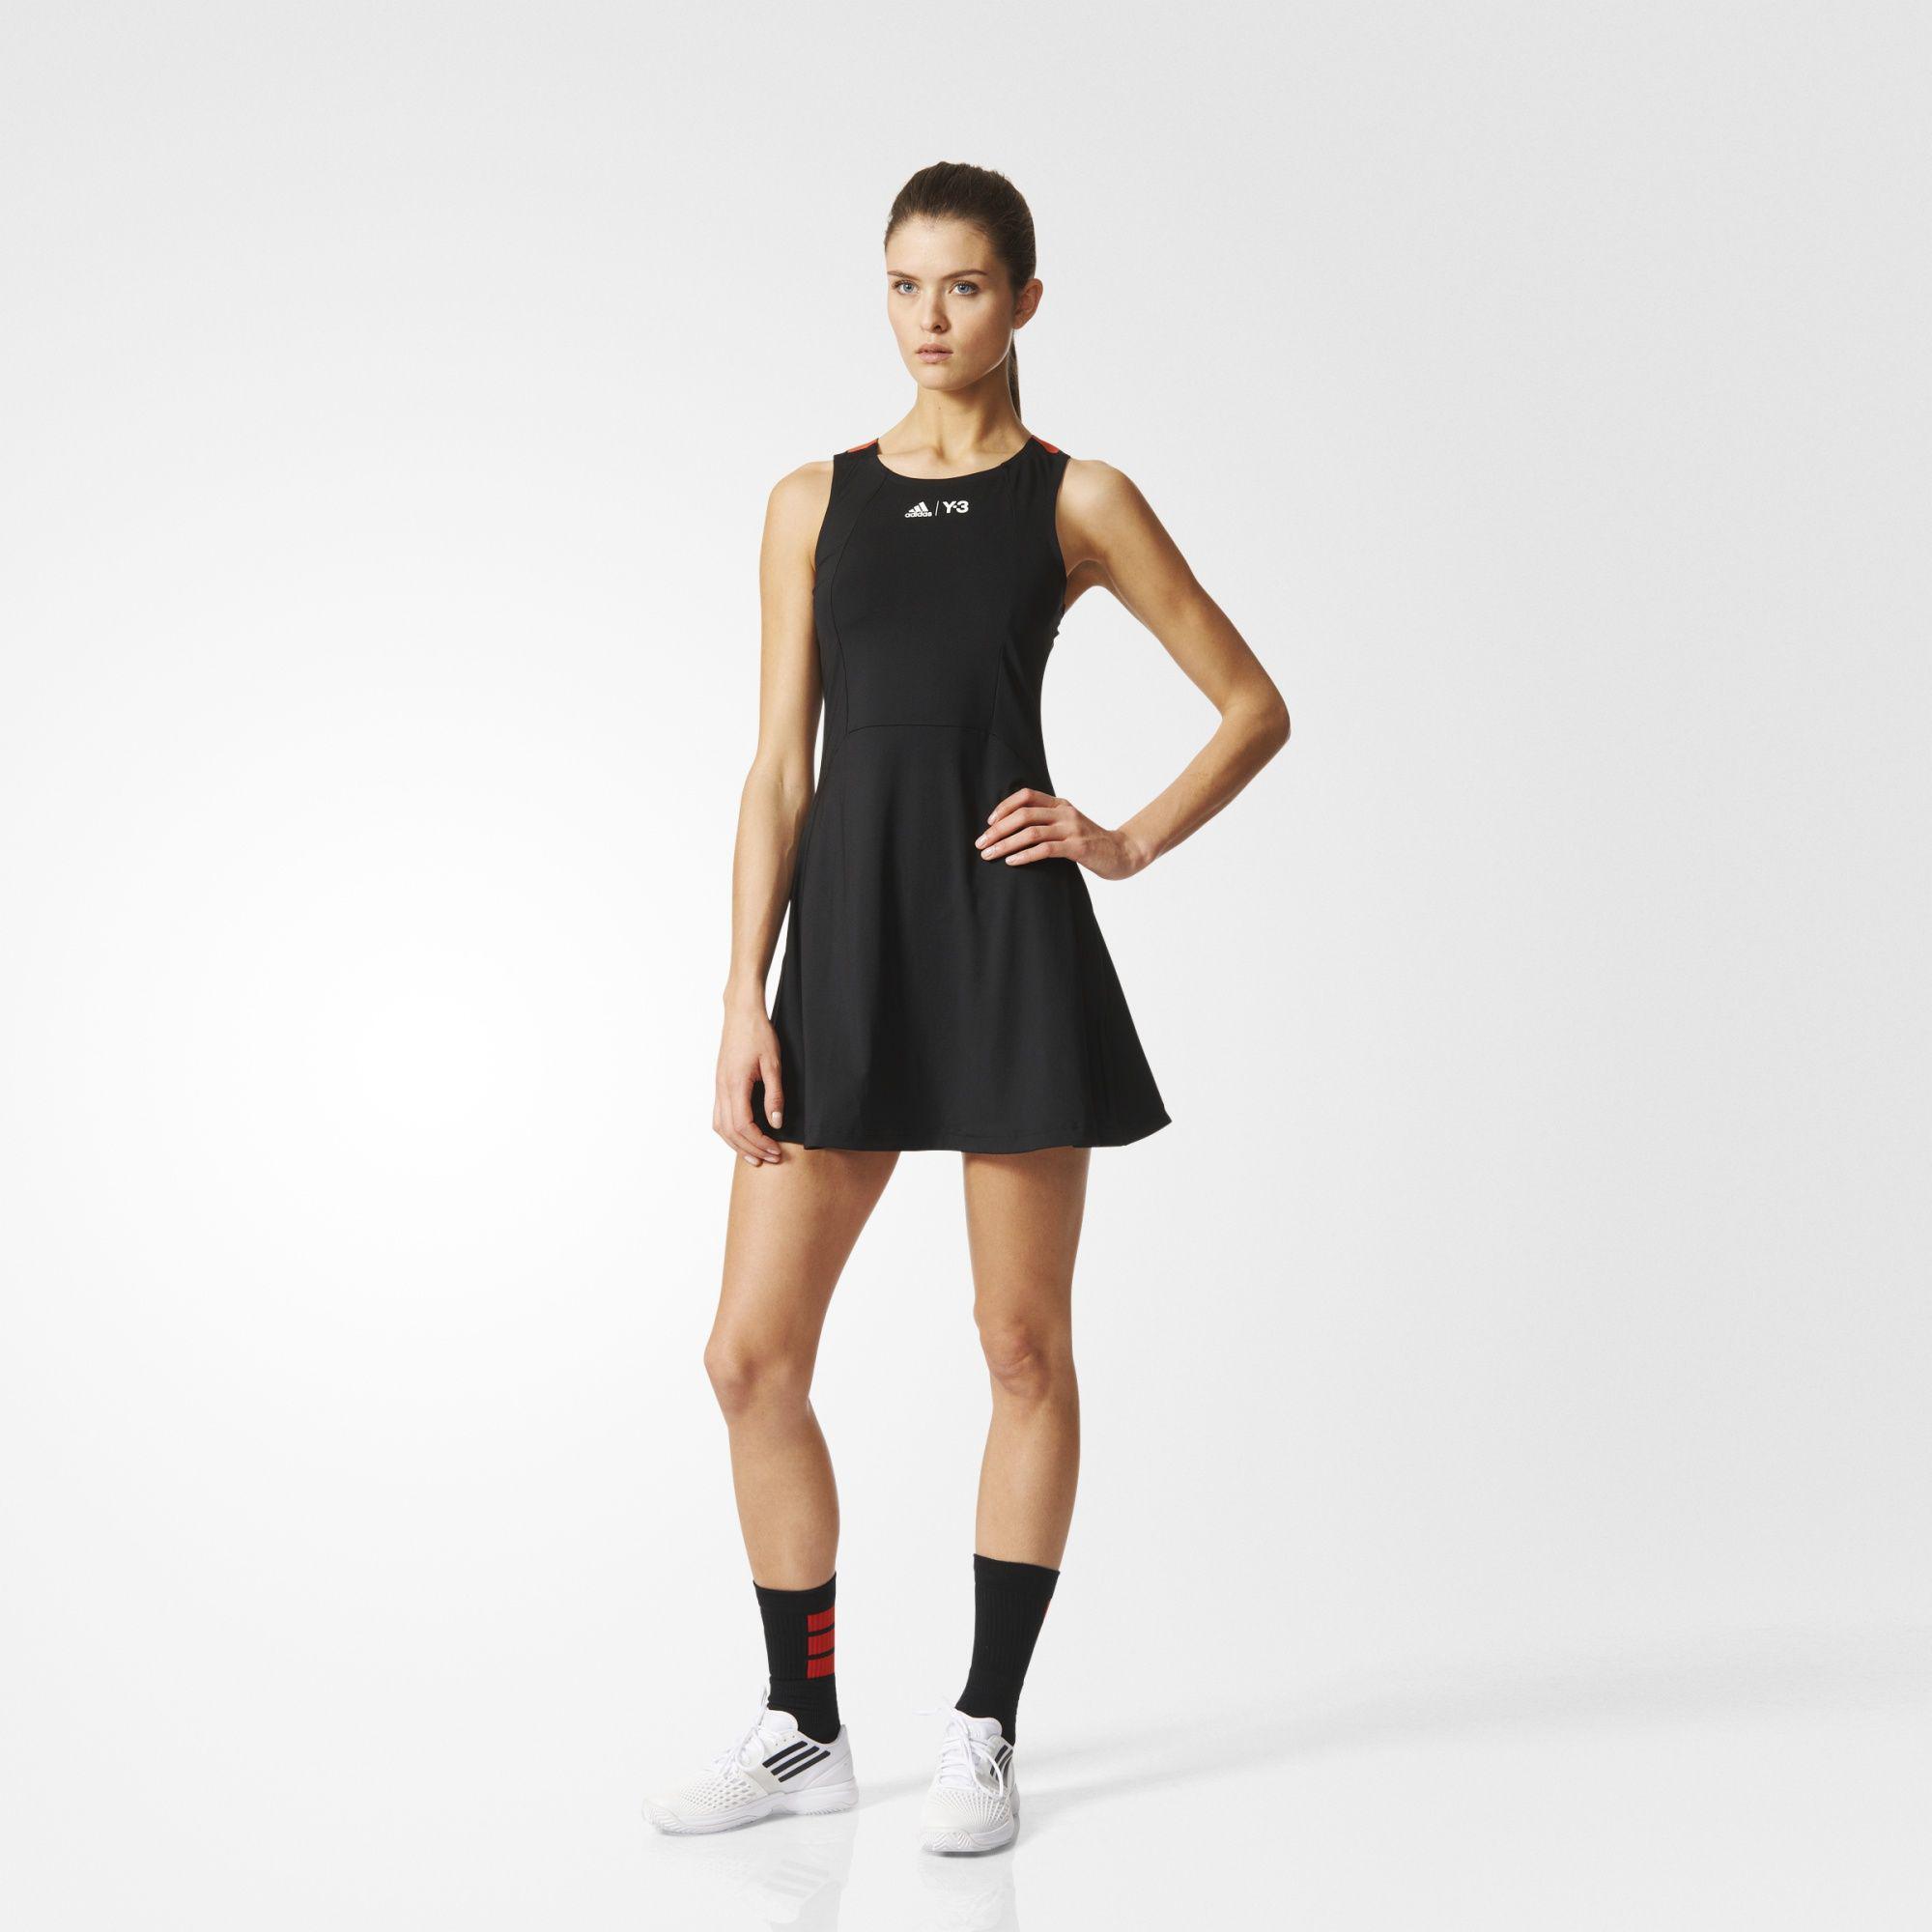 adidas y3 dress